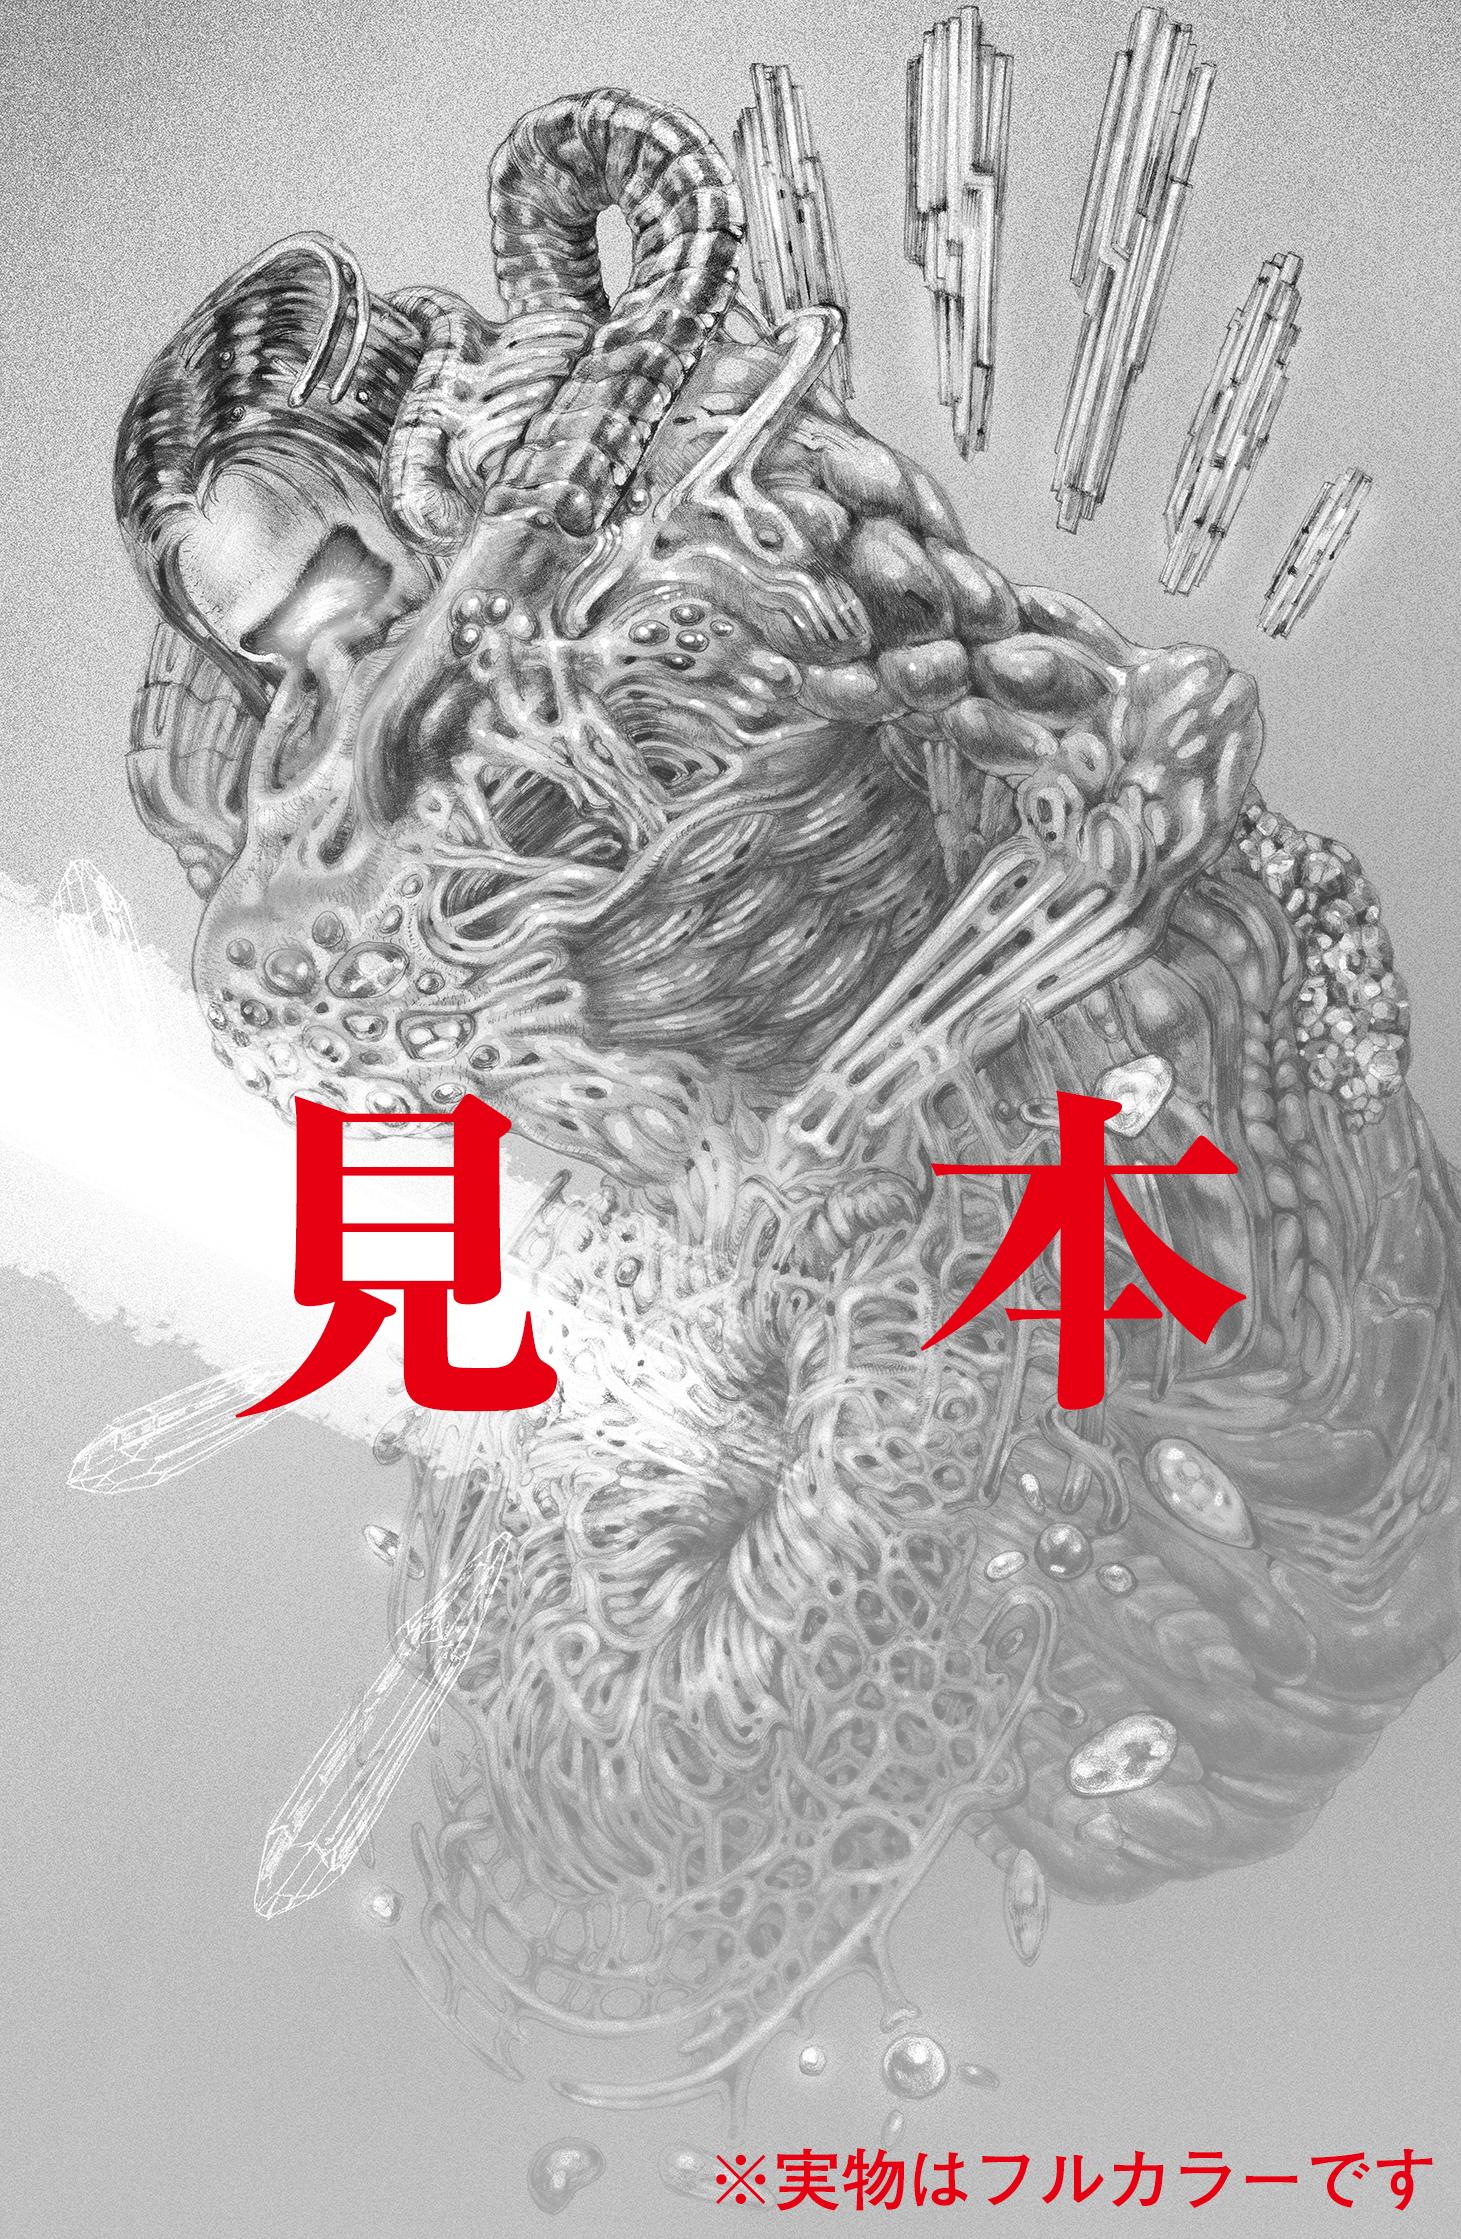 響生体 吉田隆一バリトンサックス演奏 酉島伝法イラスト